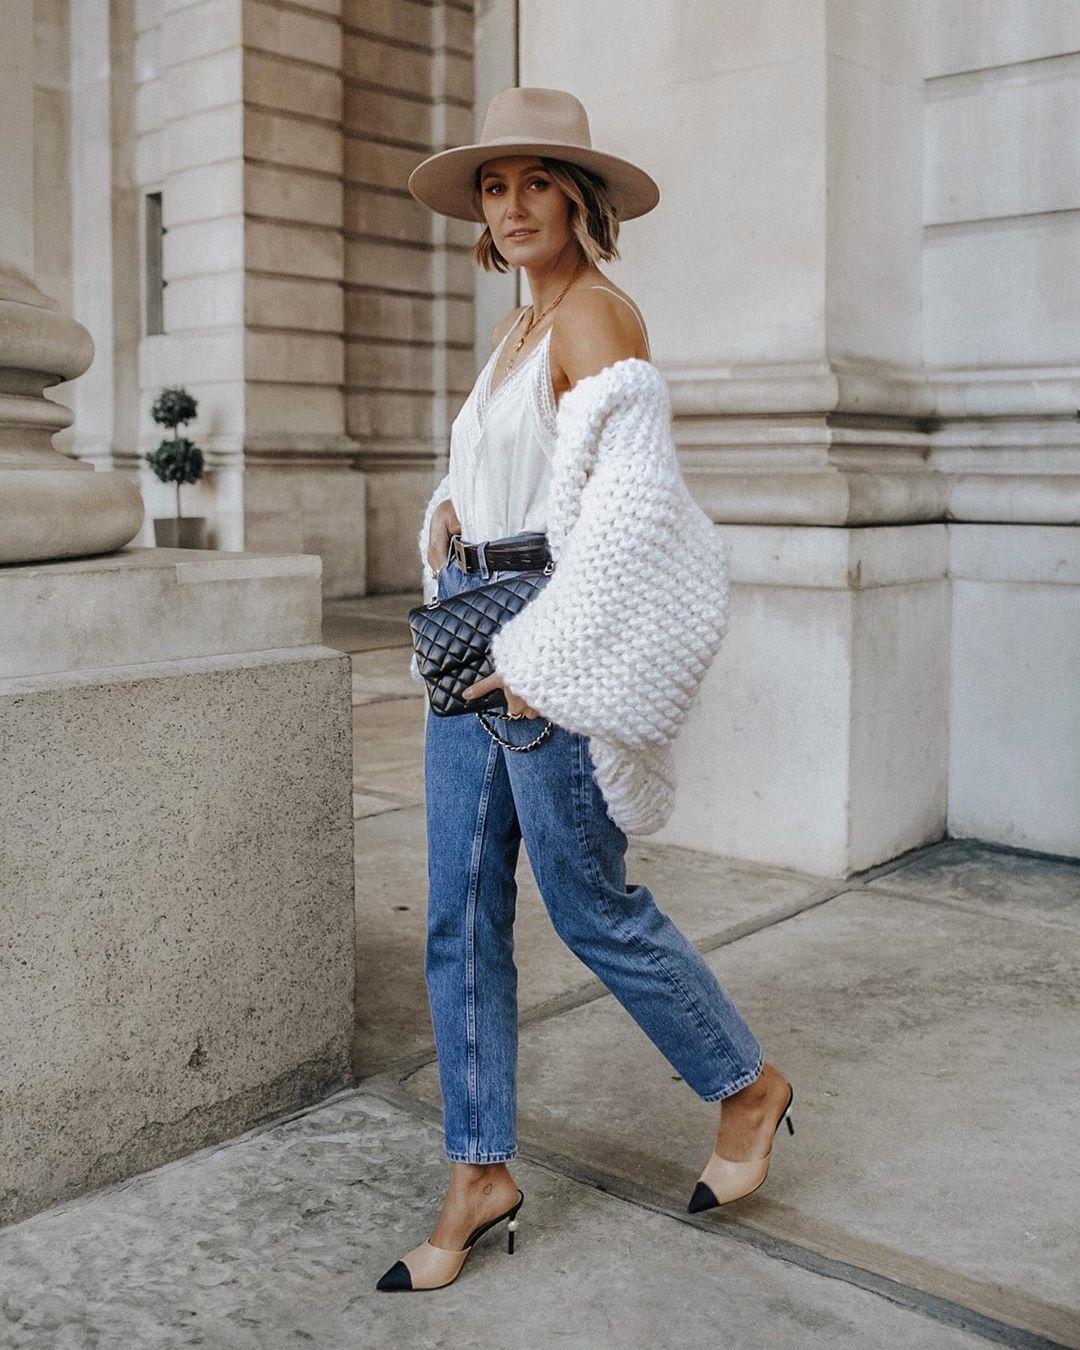 Элегантные образы от модного блогера Жюстин фото2